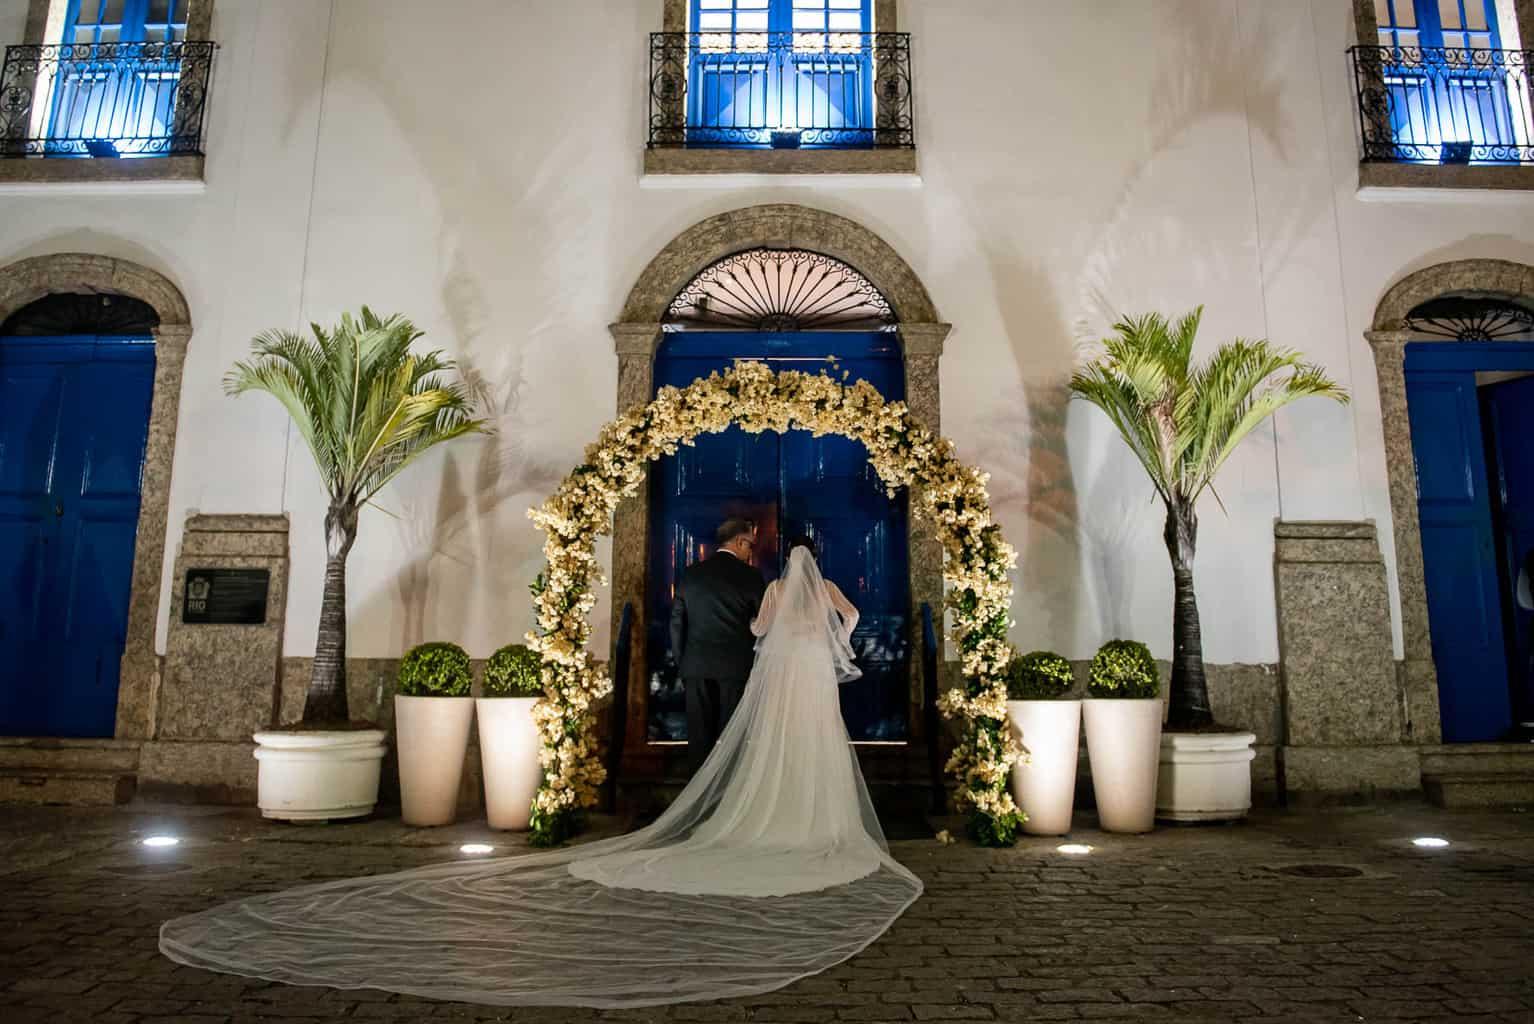 casamento-luiza-e-gustavo-cerimonia-na-igreja-cerimonial-casamento-de-ideias-fotografia-lenine-serejo-Igreja-Nossa-Senhora-da-Conceicao15